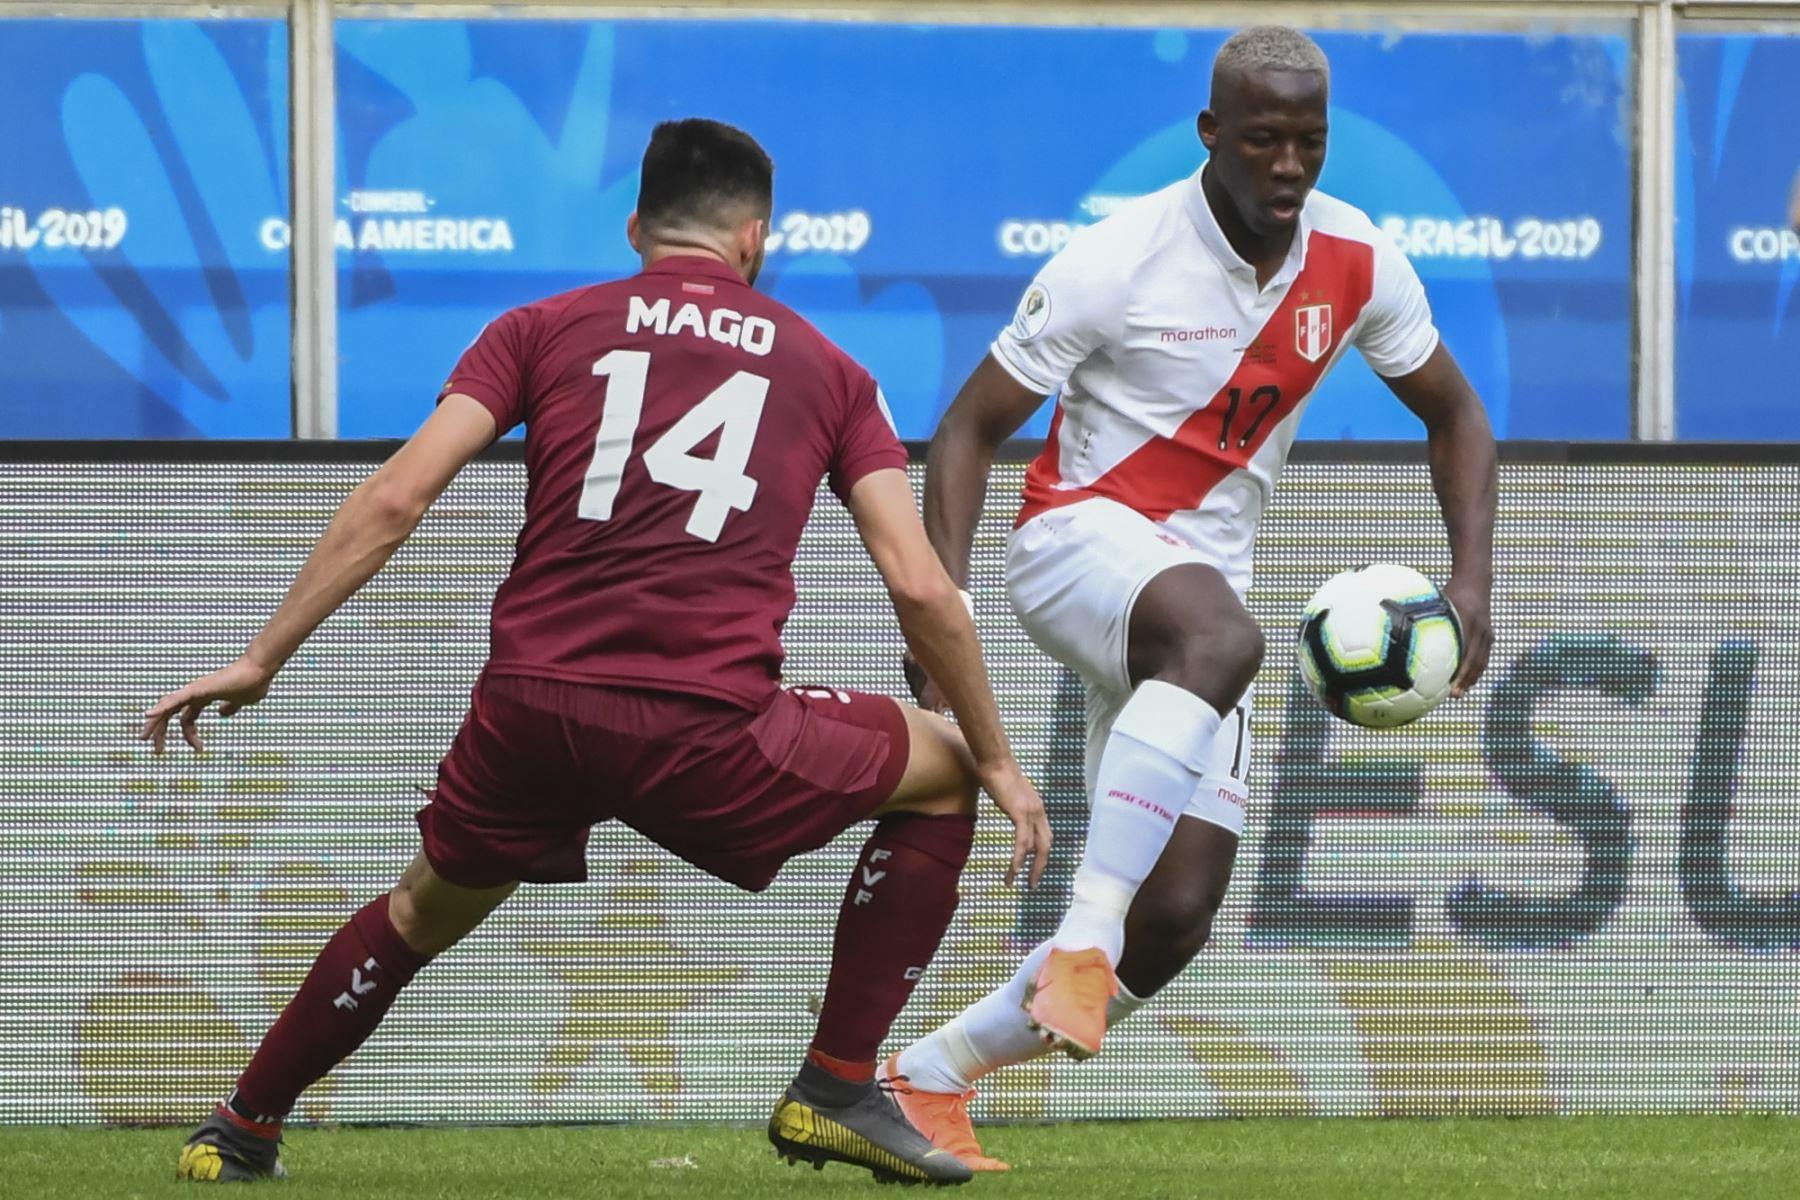 Luis Advincula (R), de Perú, está marcado por Luis Del Pino Mago de Venezuela durante su partido de torneo de fútbol de la Copa América en el Gremio Arena en  Brasil. Foto:AFP